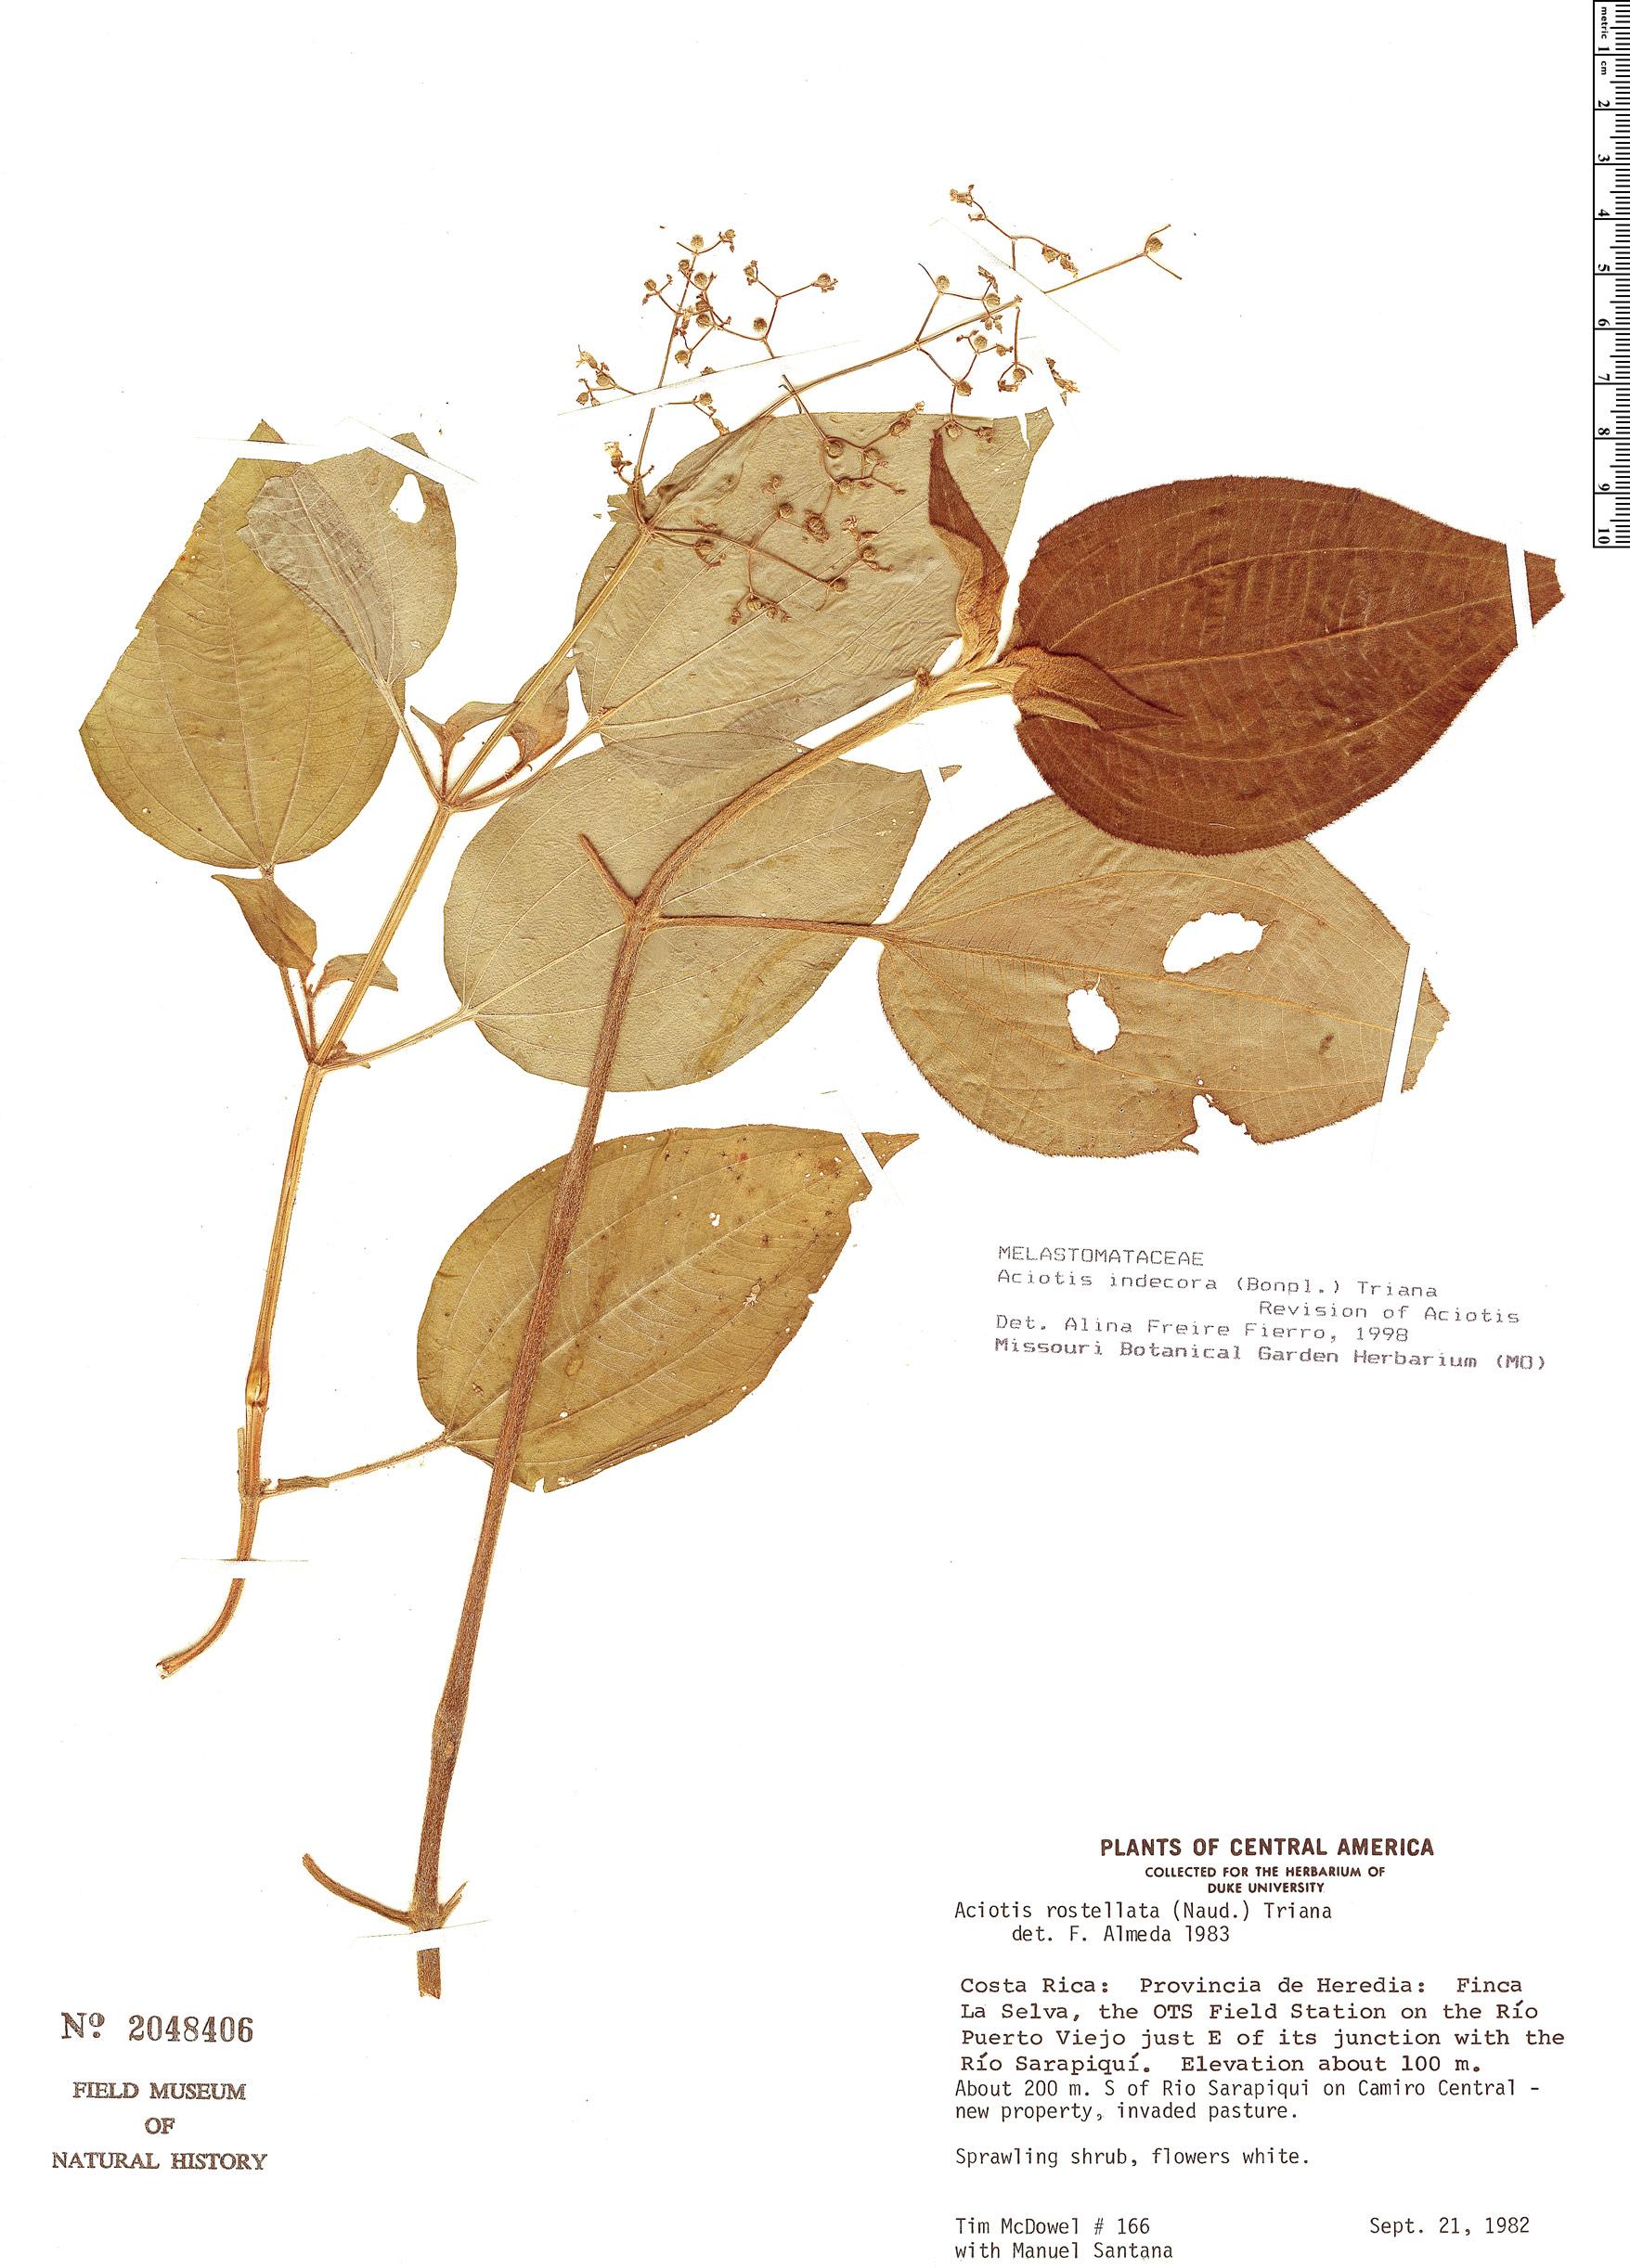 Specimen: Aciotis indecora